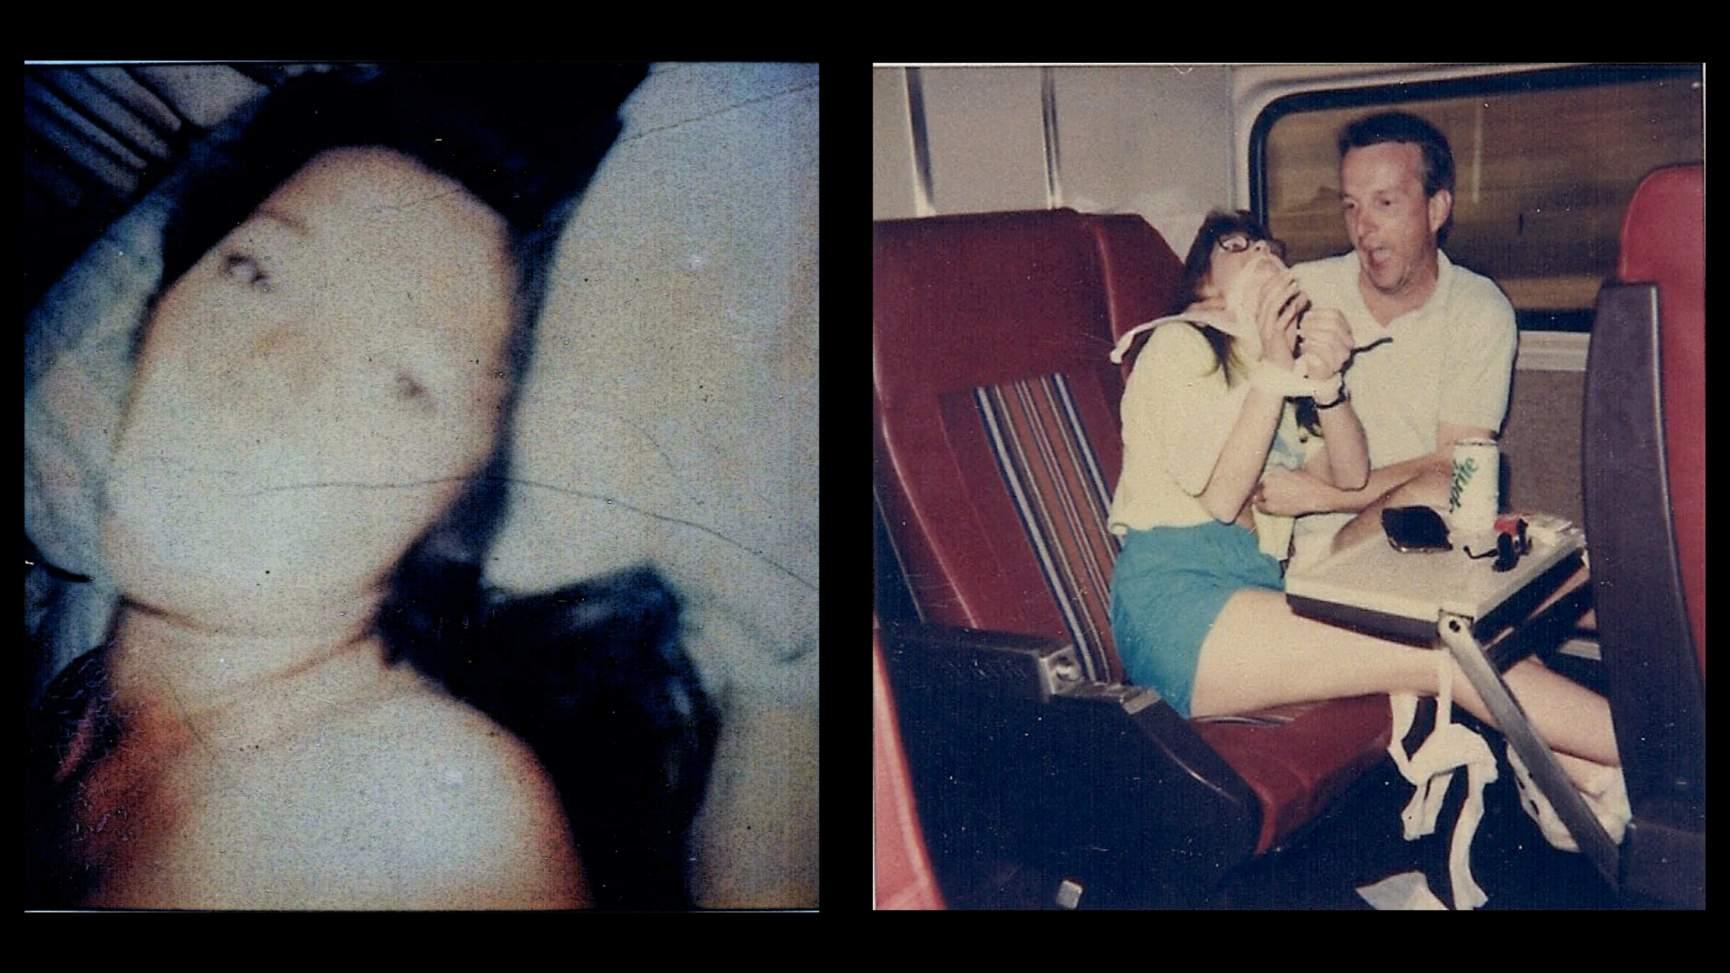 Tara Calico, Tara Calico polaroid